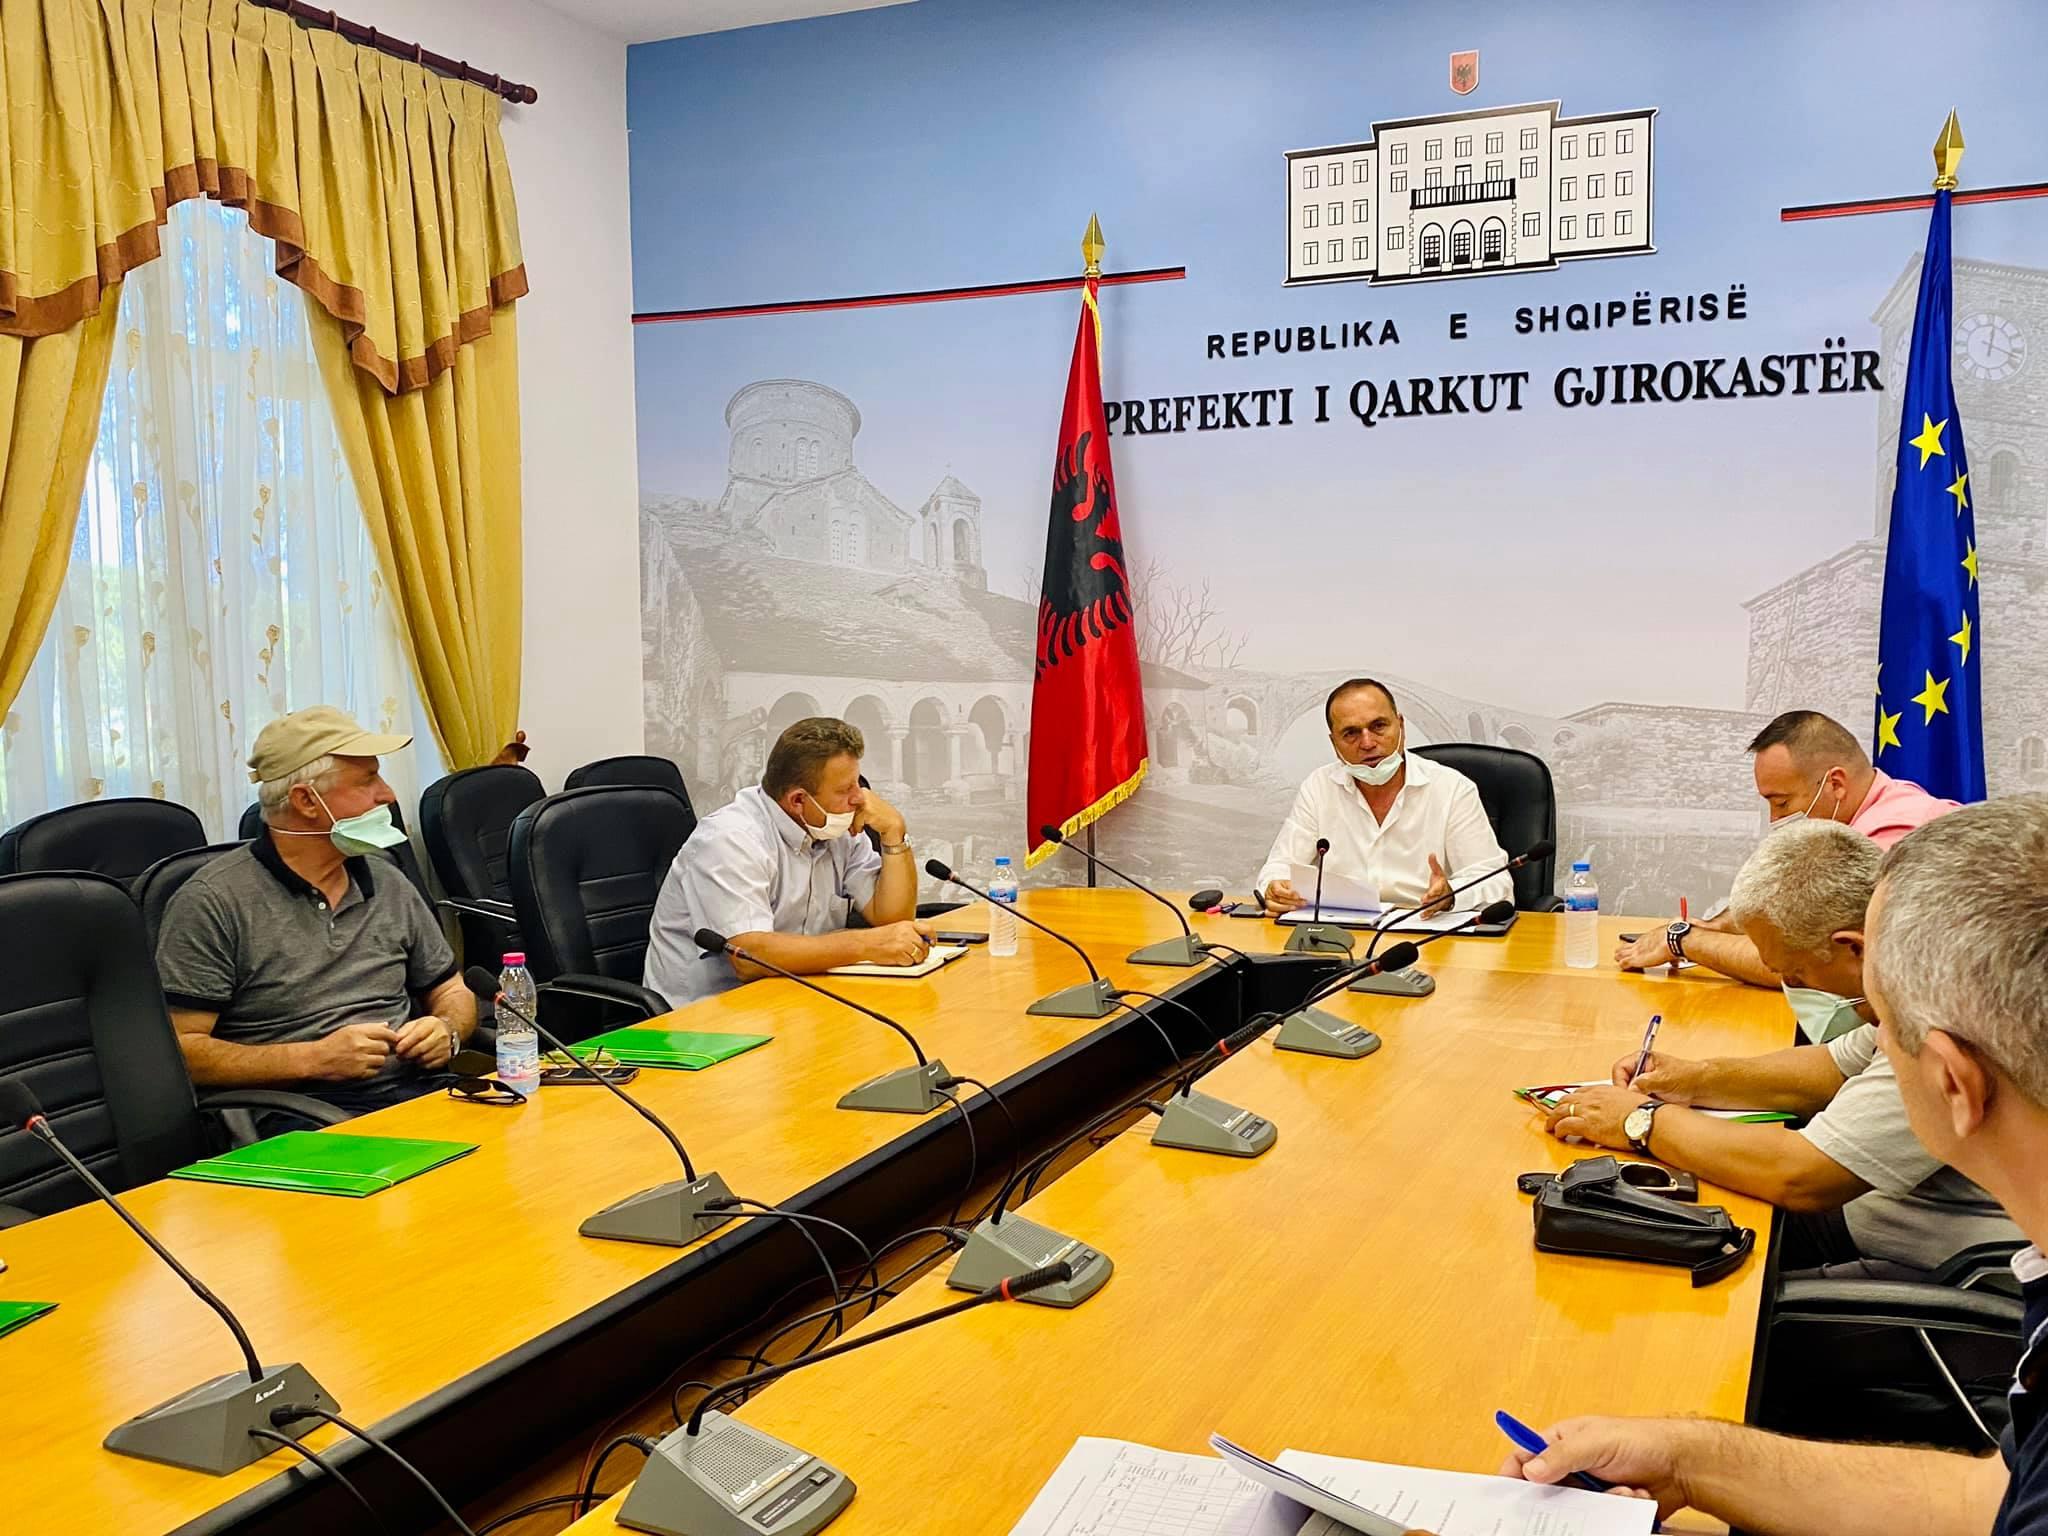 Seminari i trajnimit me specialistët e emergjencave civile të bashkive të qarkut